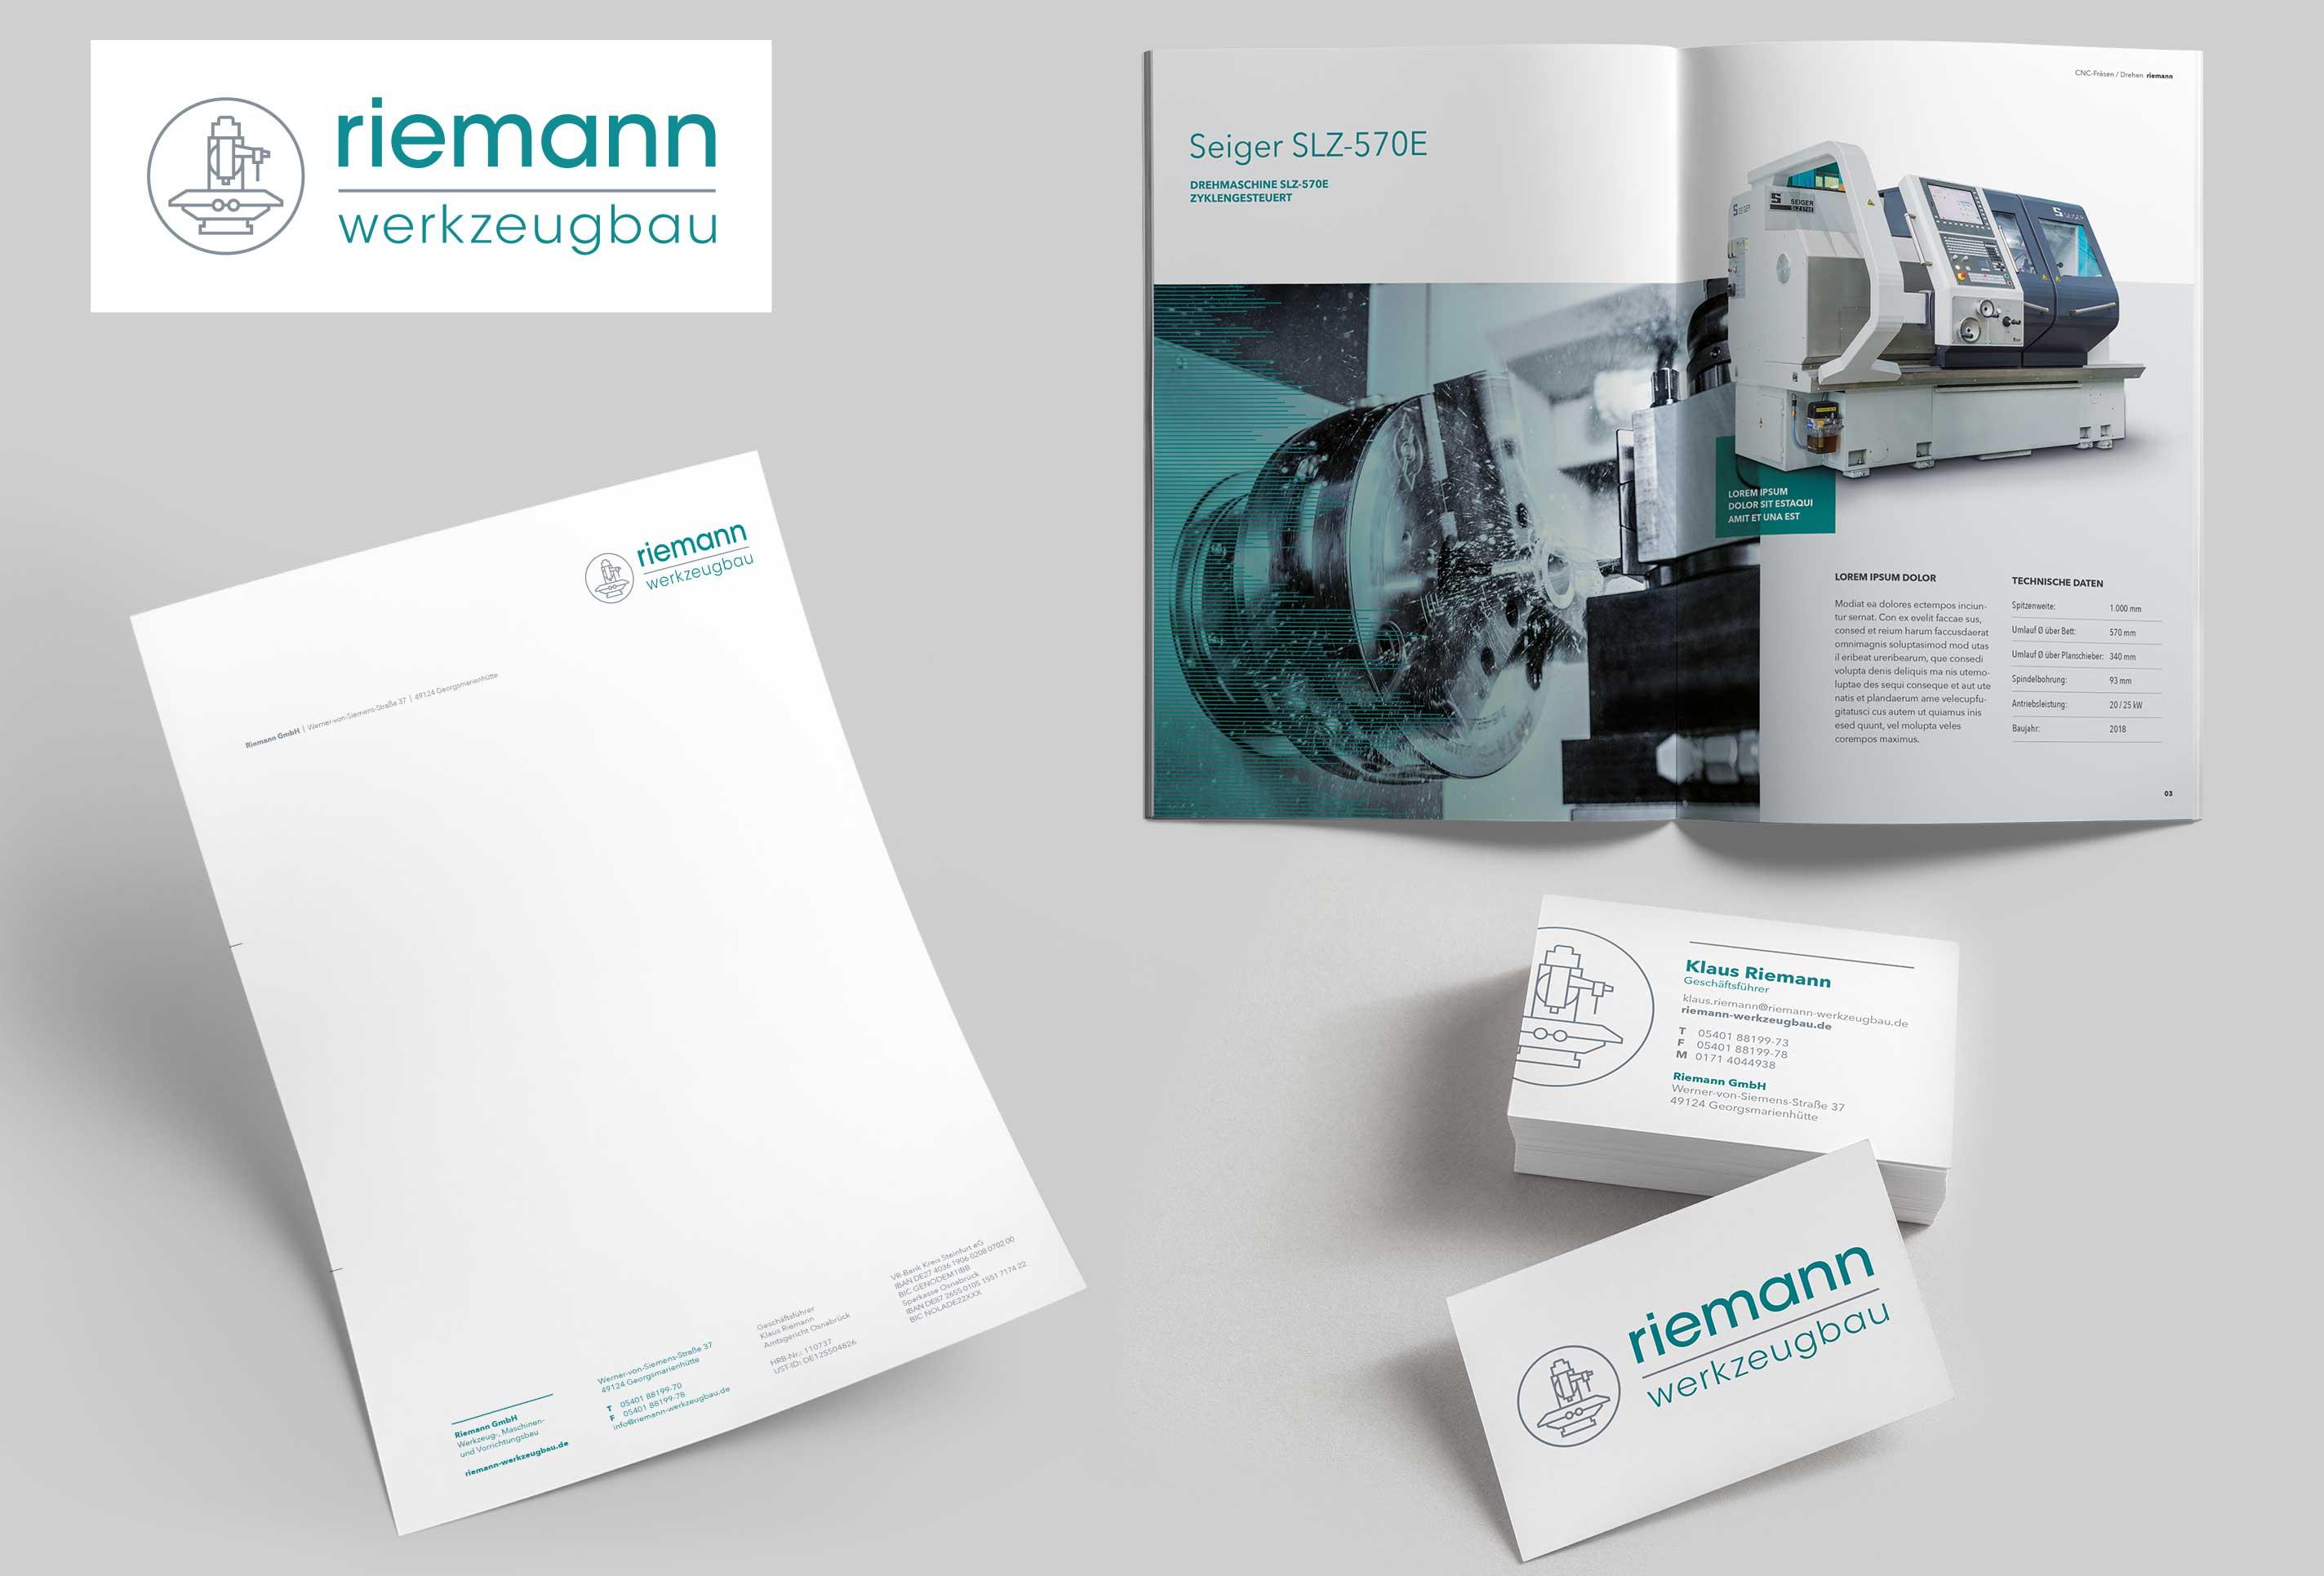 Riemann Werkzeugbau gestaltet von team4media - Ihre Werbeagentur in Osnabrück